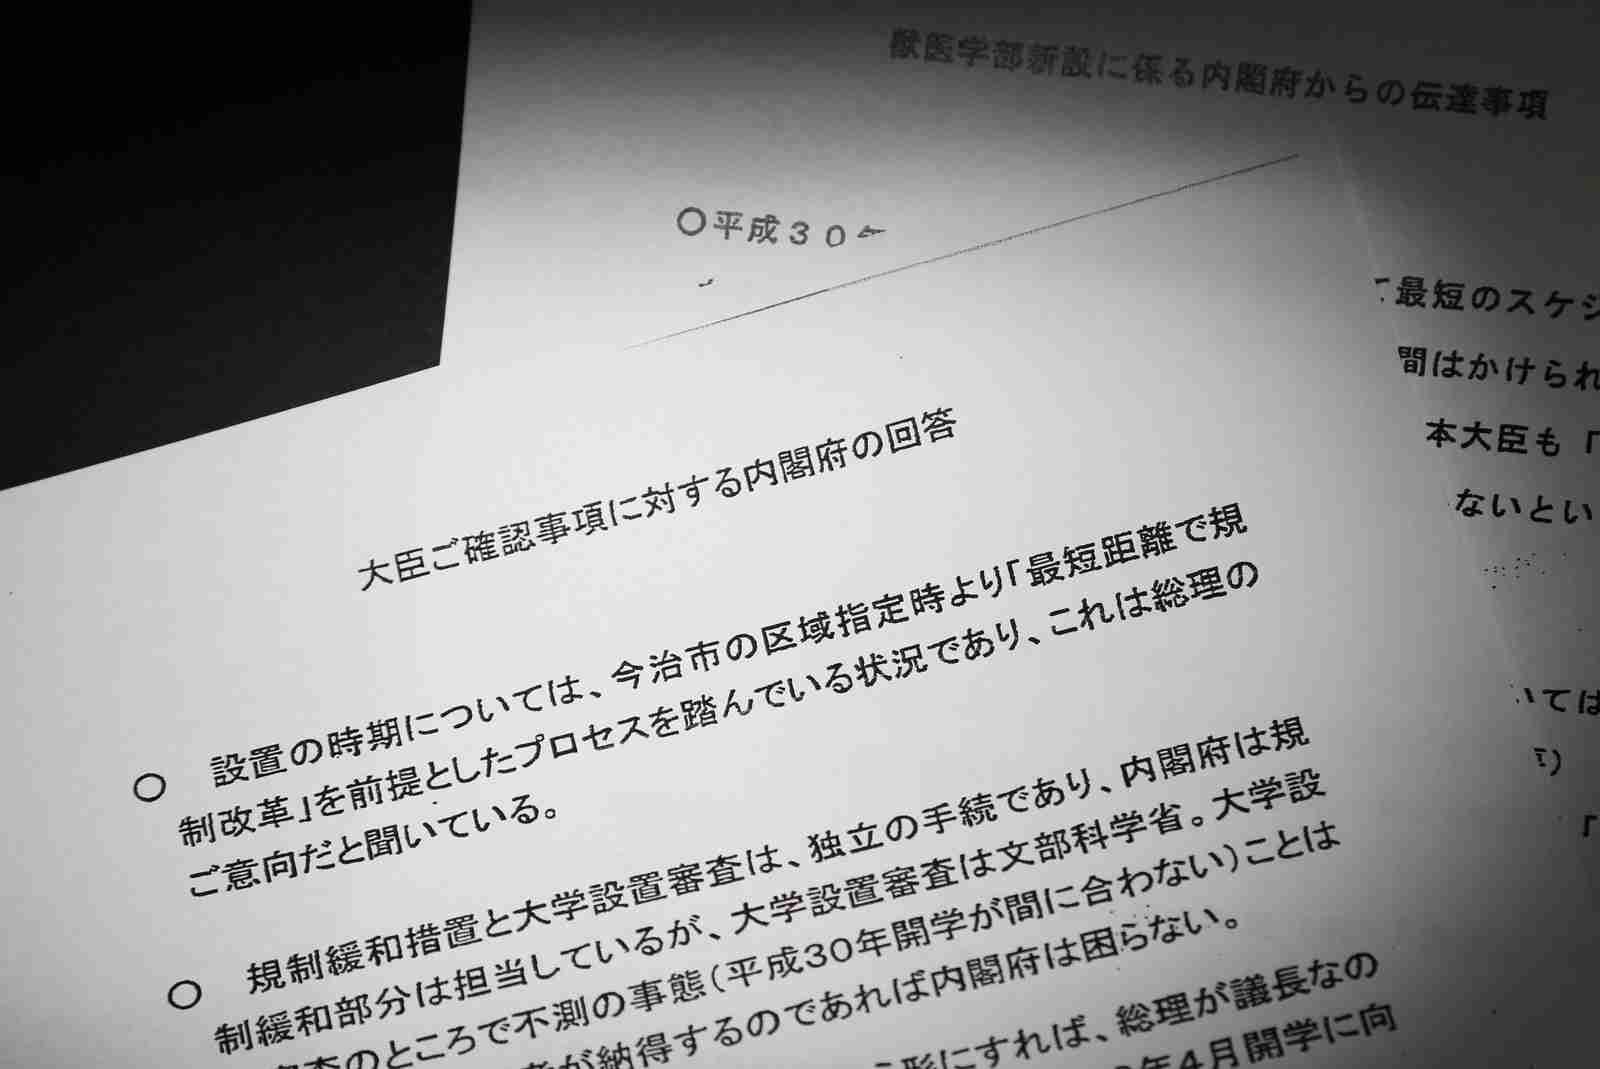 加計学園「総理の意向」文書、文科省は「存在確認できず」と発表。個人PC調べず野党は批判 (BuzzFeed Japan) - Yahoo!ニュース